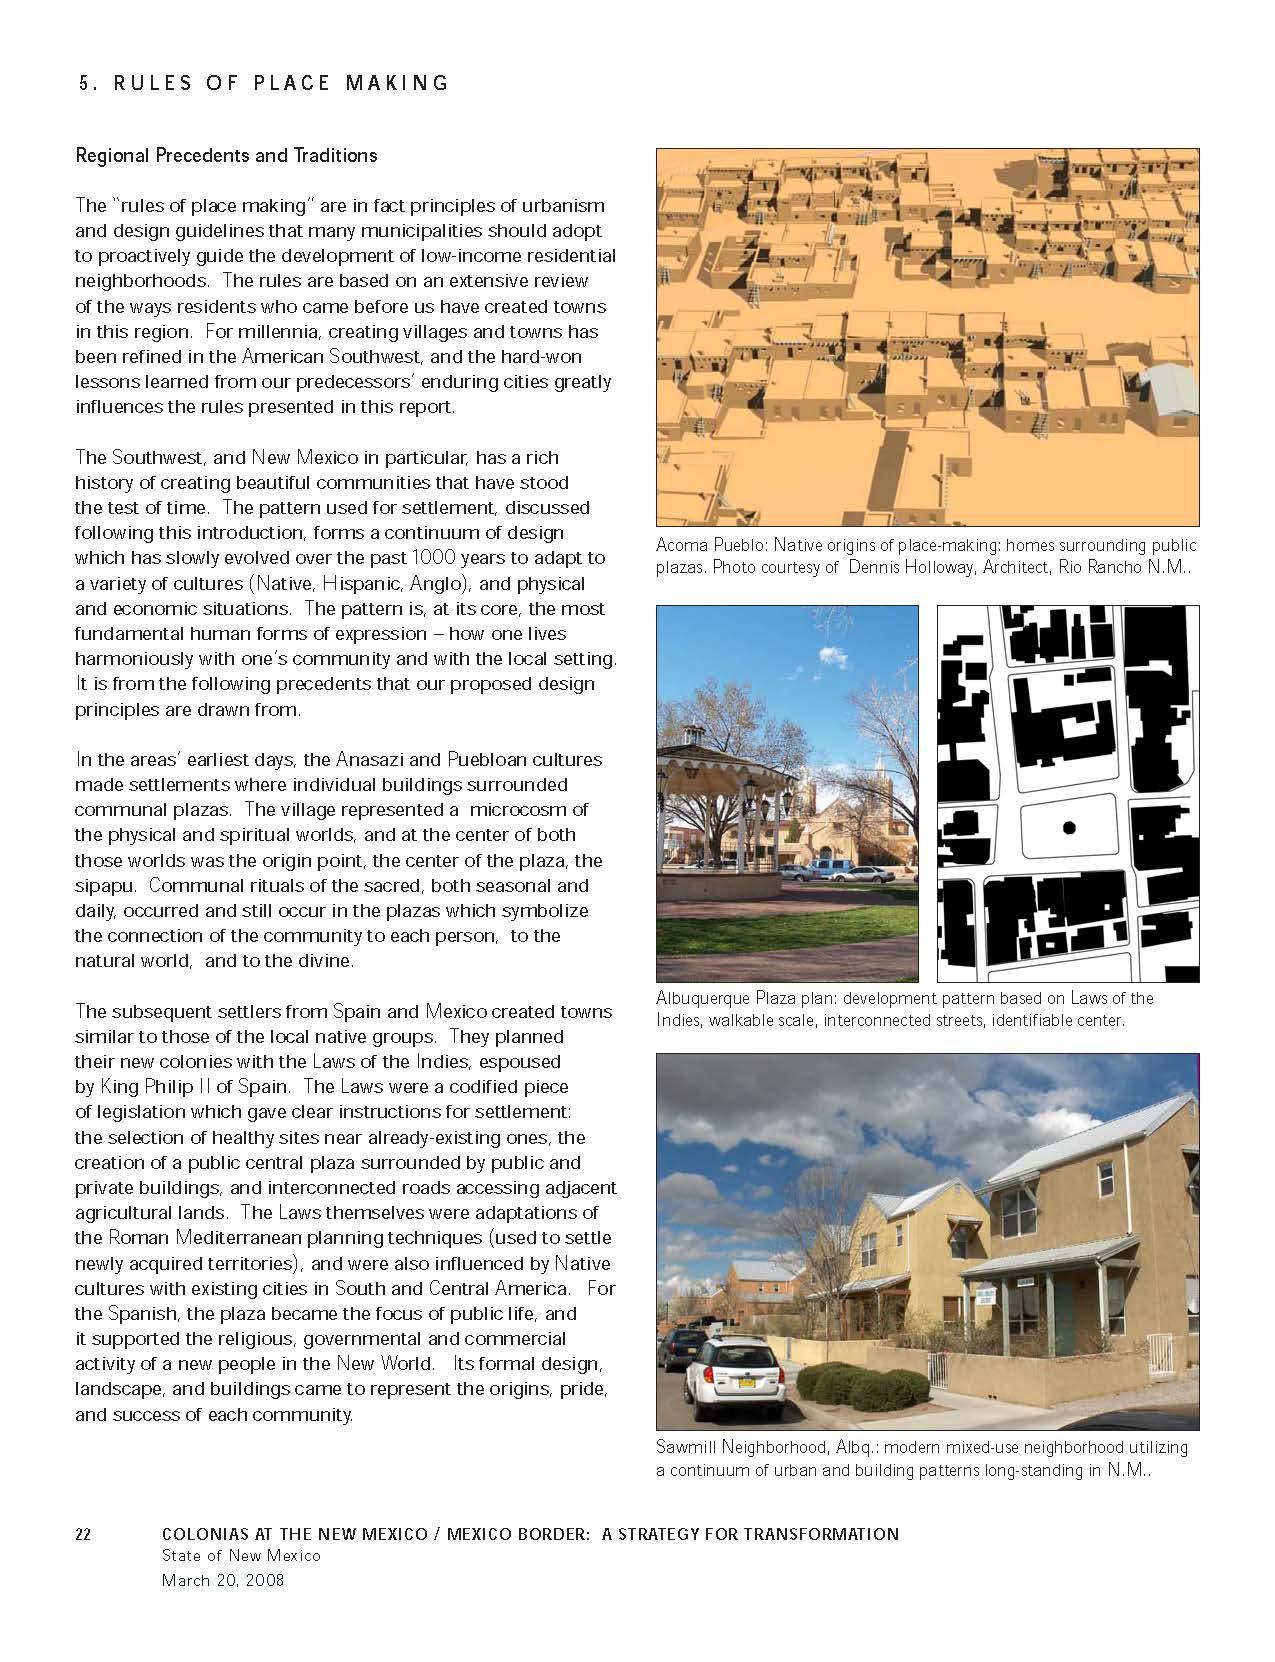 colonias_Page_22.jpg